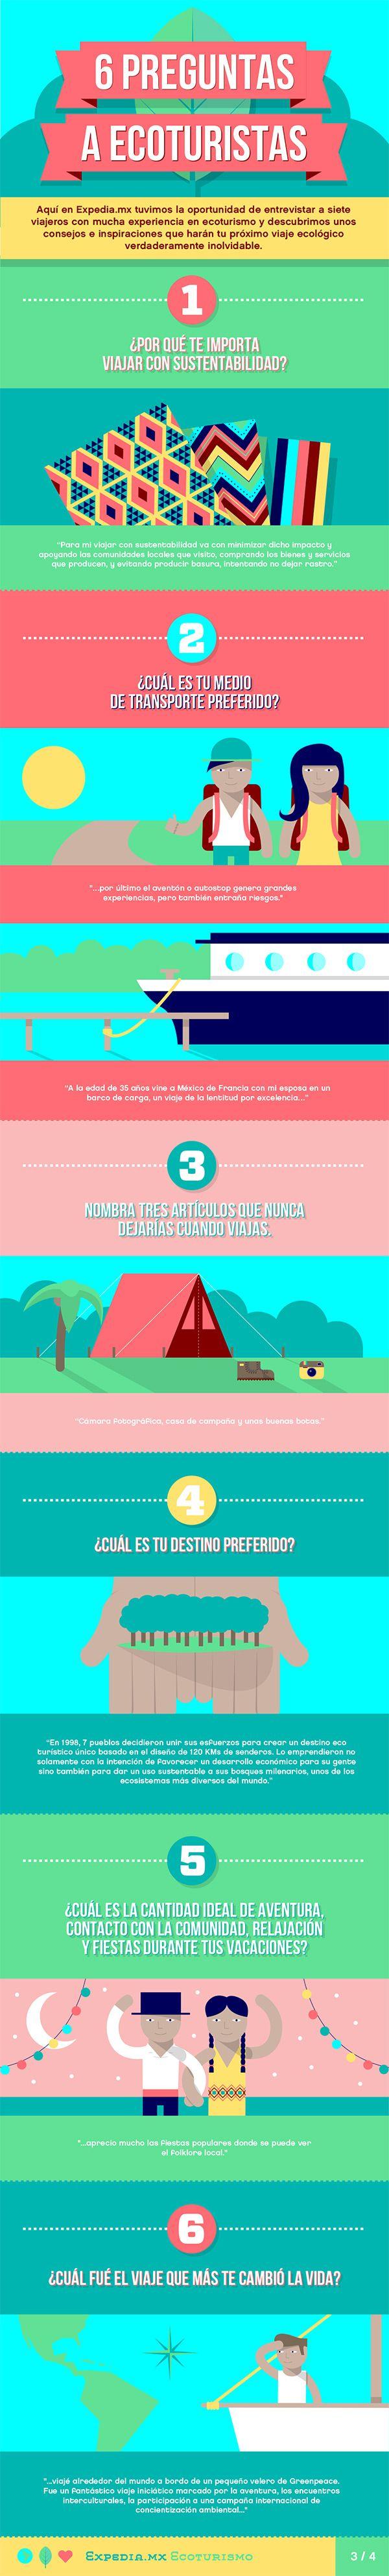 #Infografia #Curiosidades 6 Preguntas a ecoturistas. #TAVnews